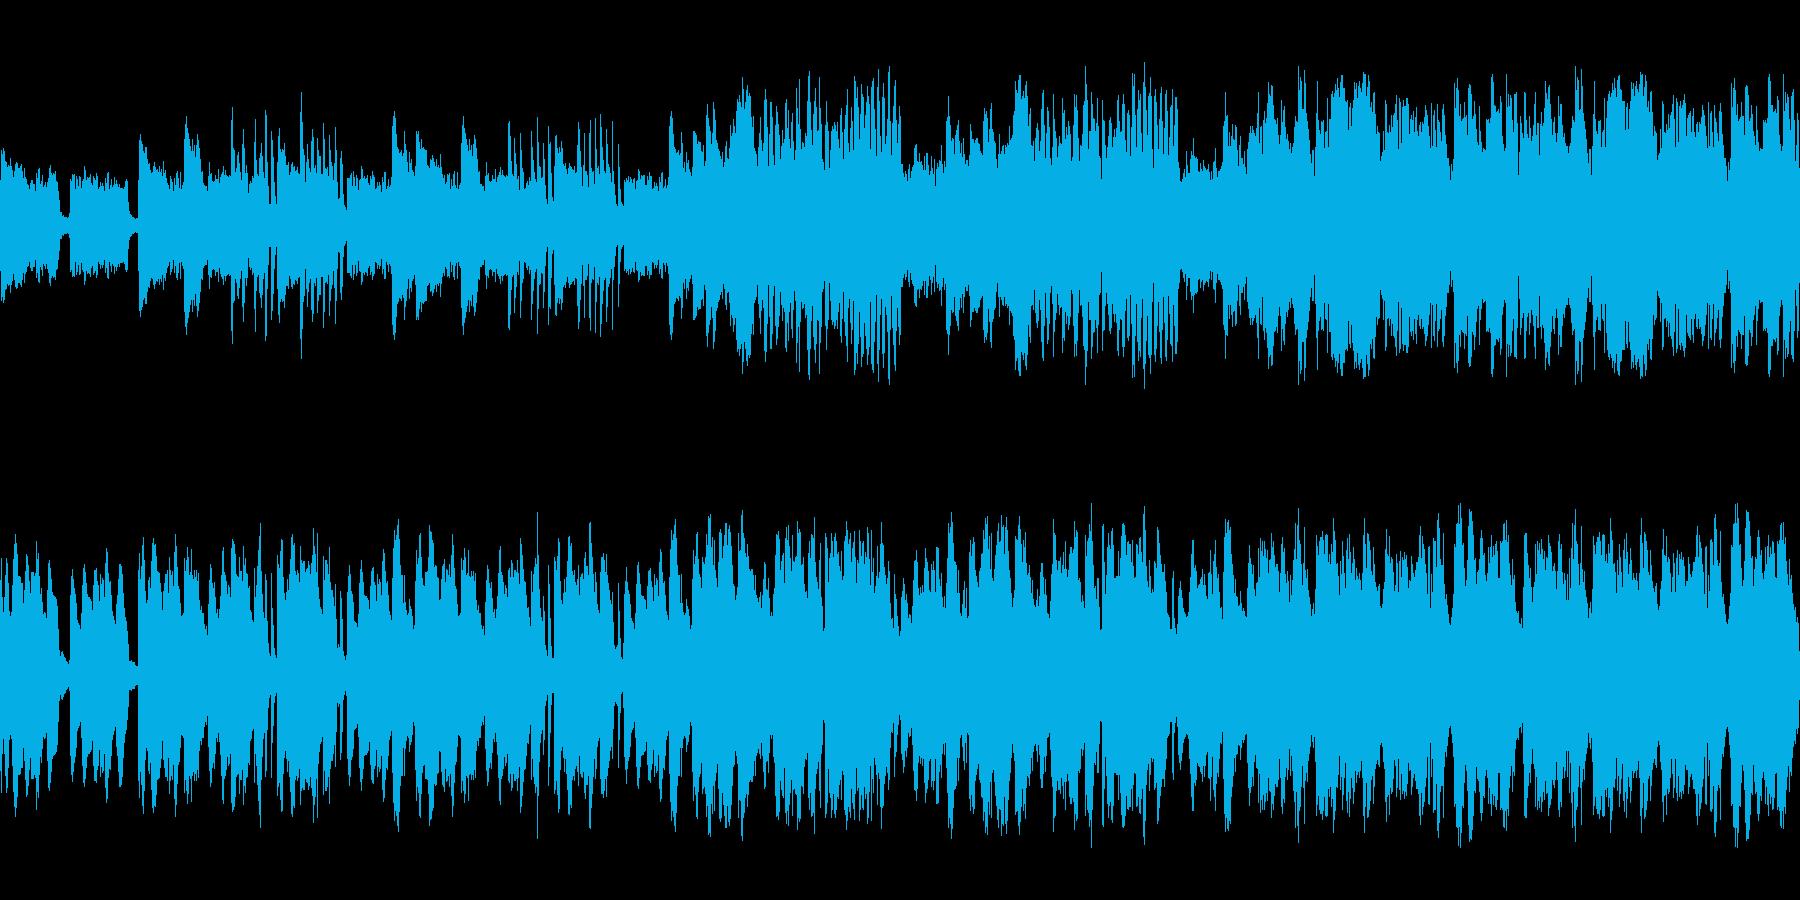 町 RPG風 ループ の再生済みの波形